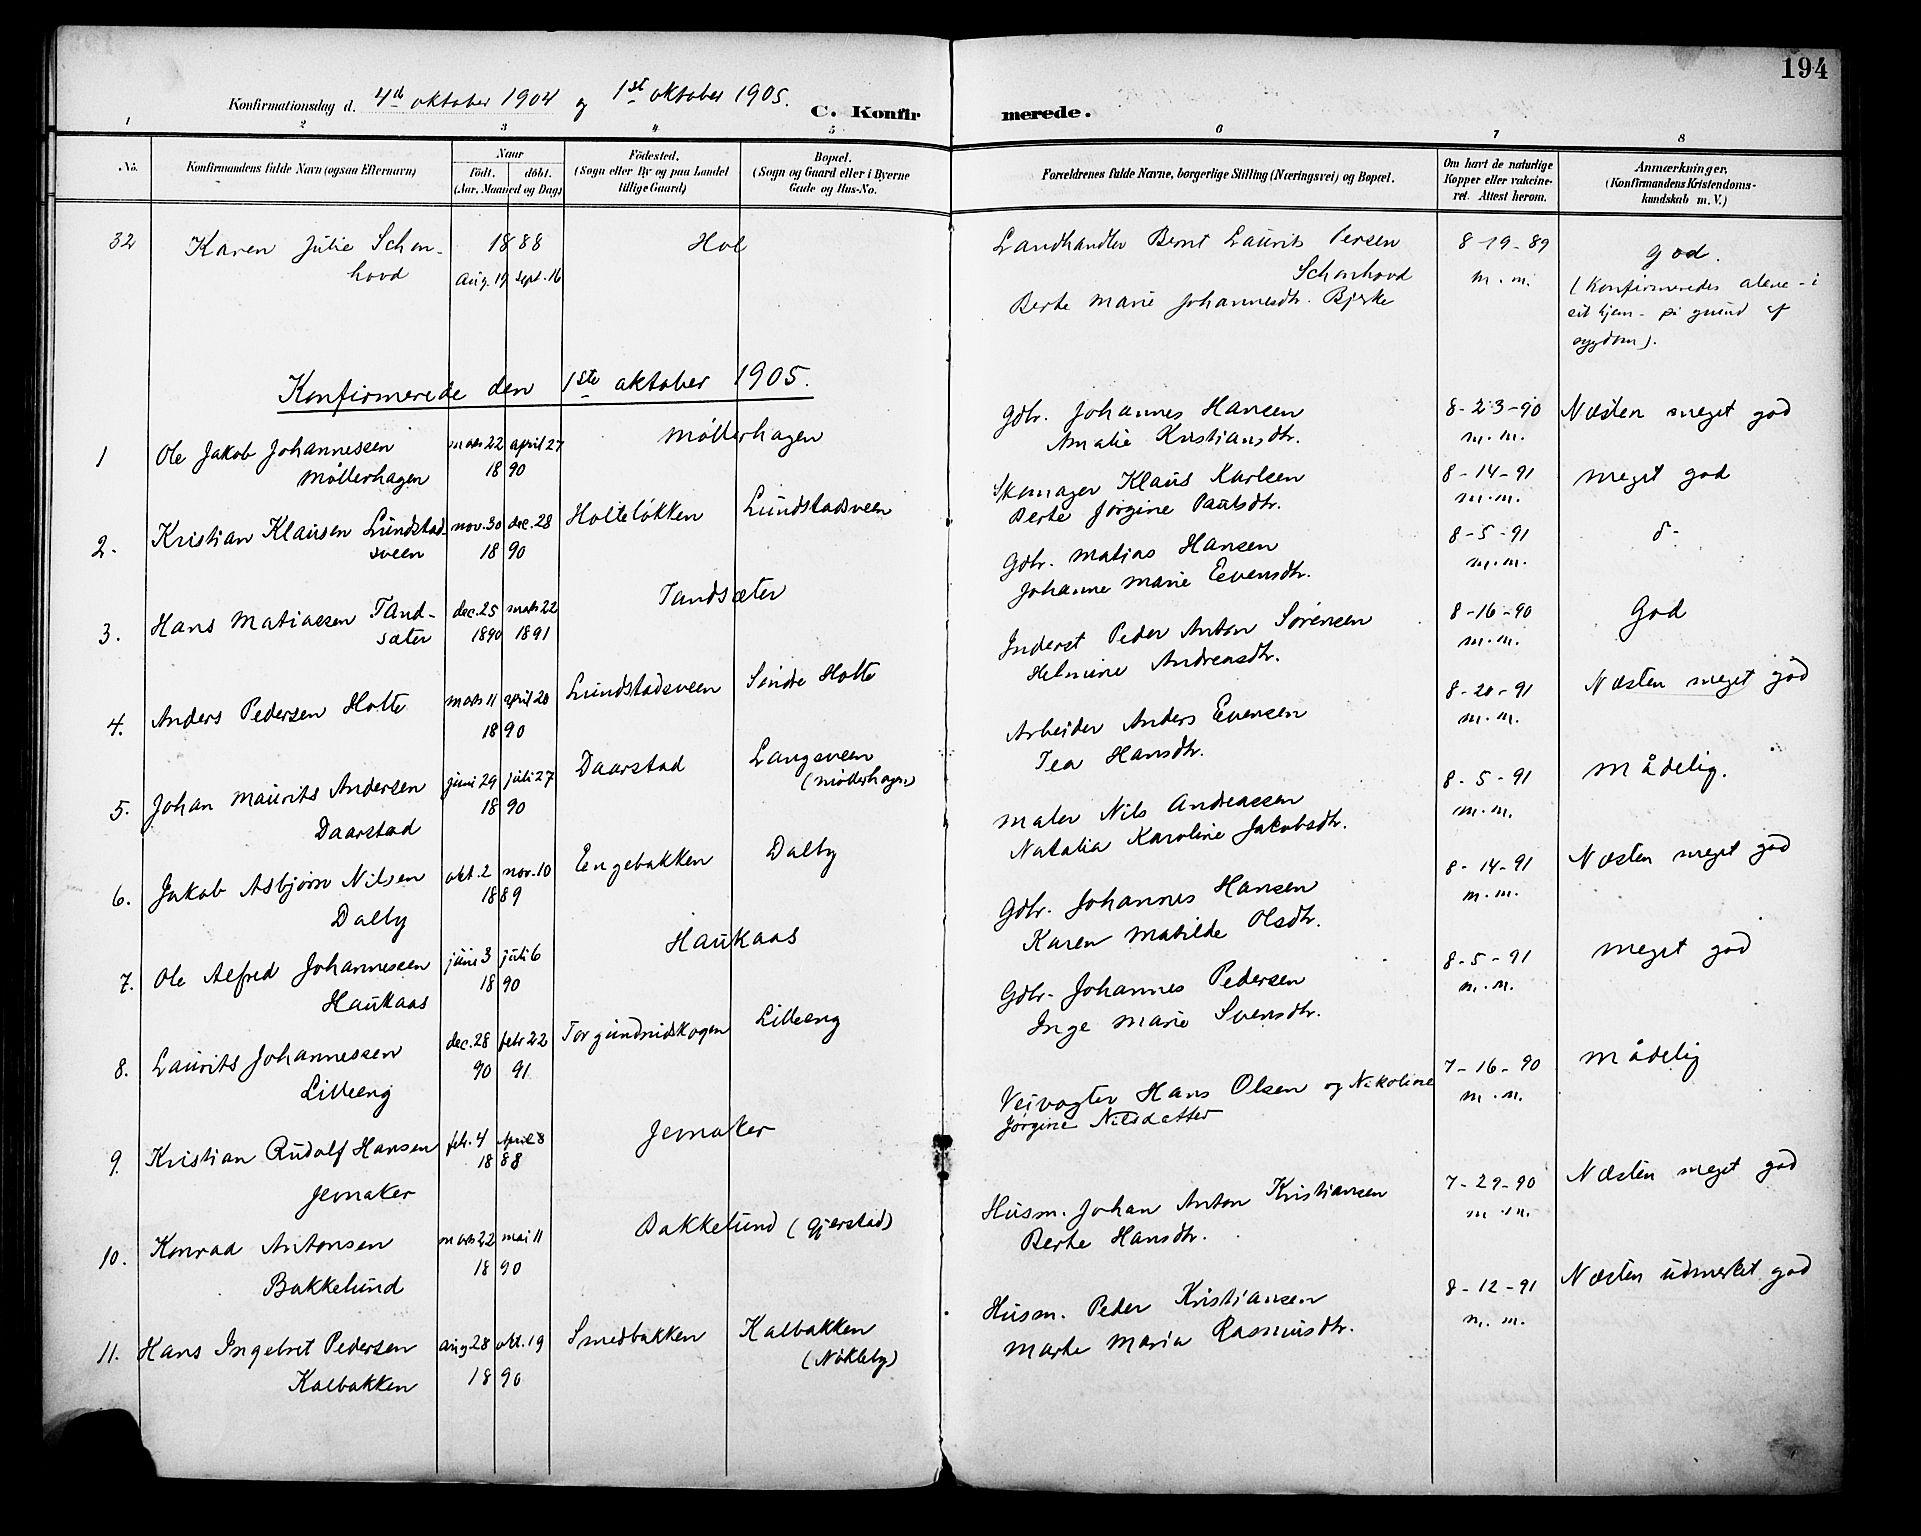 SAH, Vestre Toten prestekontor, Ministerialbok nr. 13, 1895-1911, s. 194